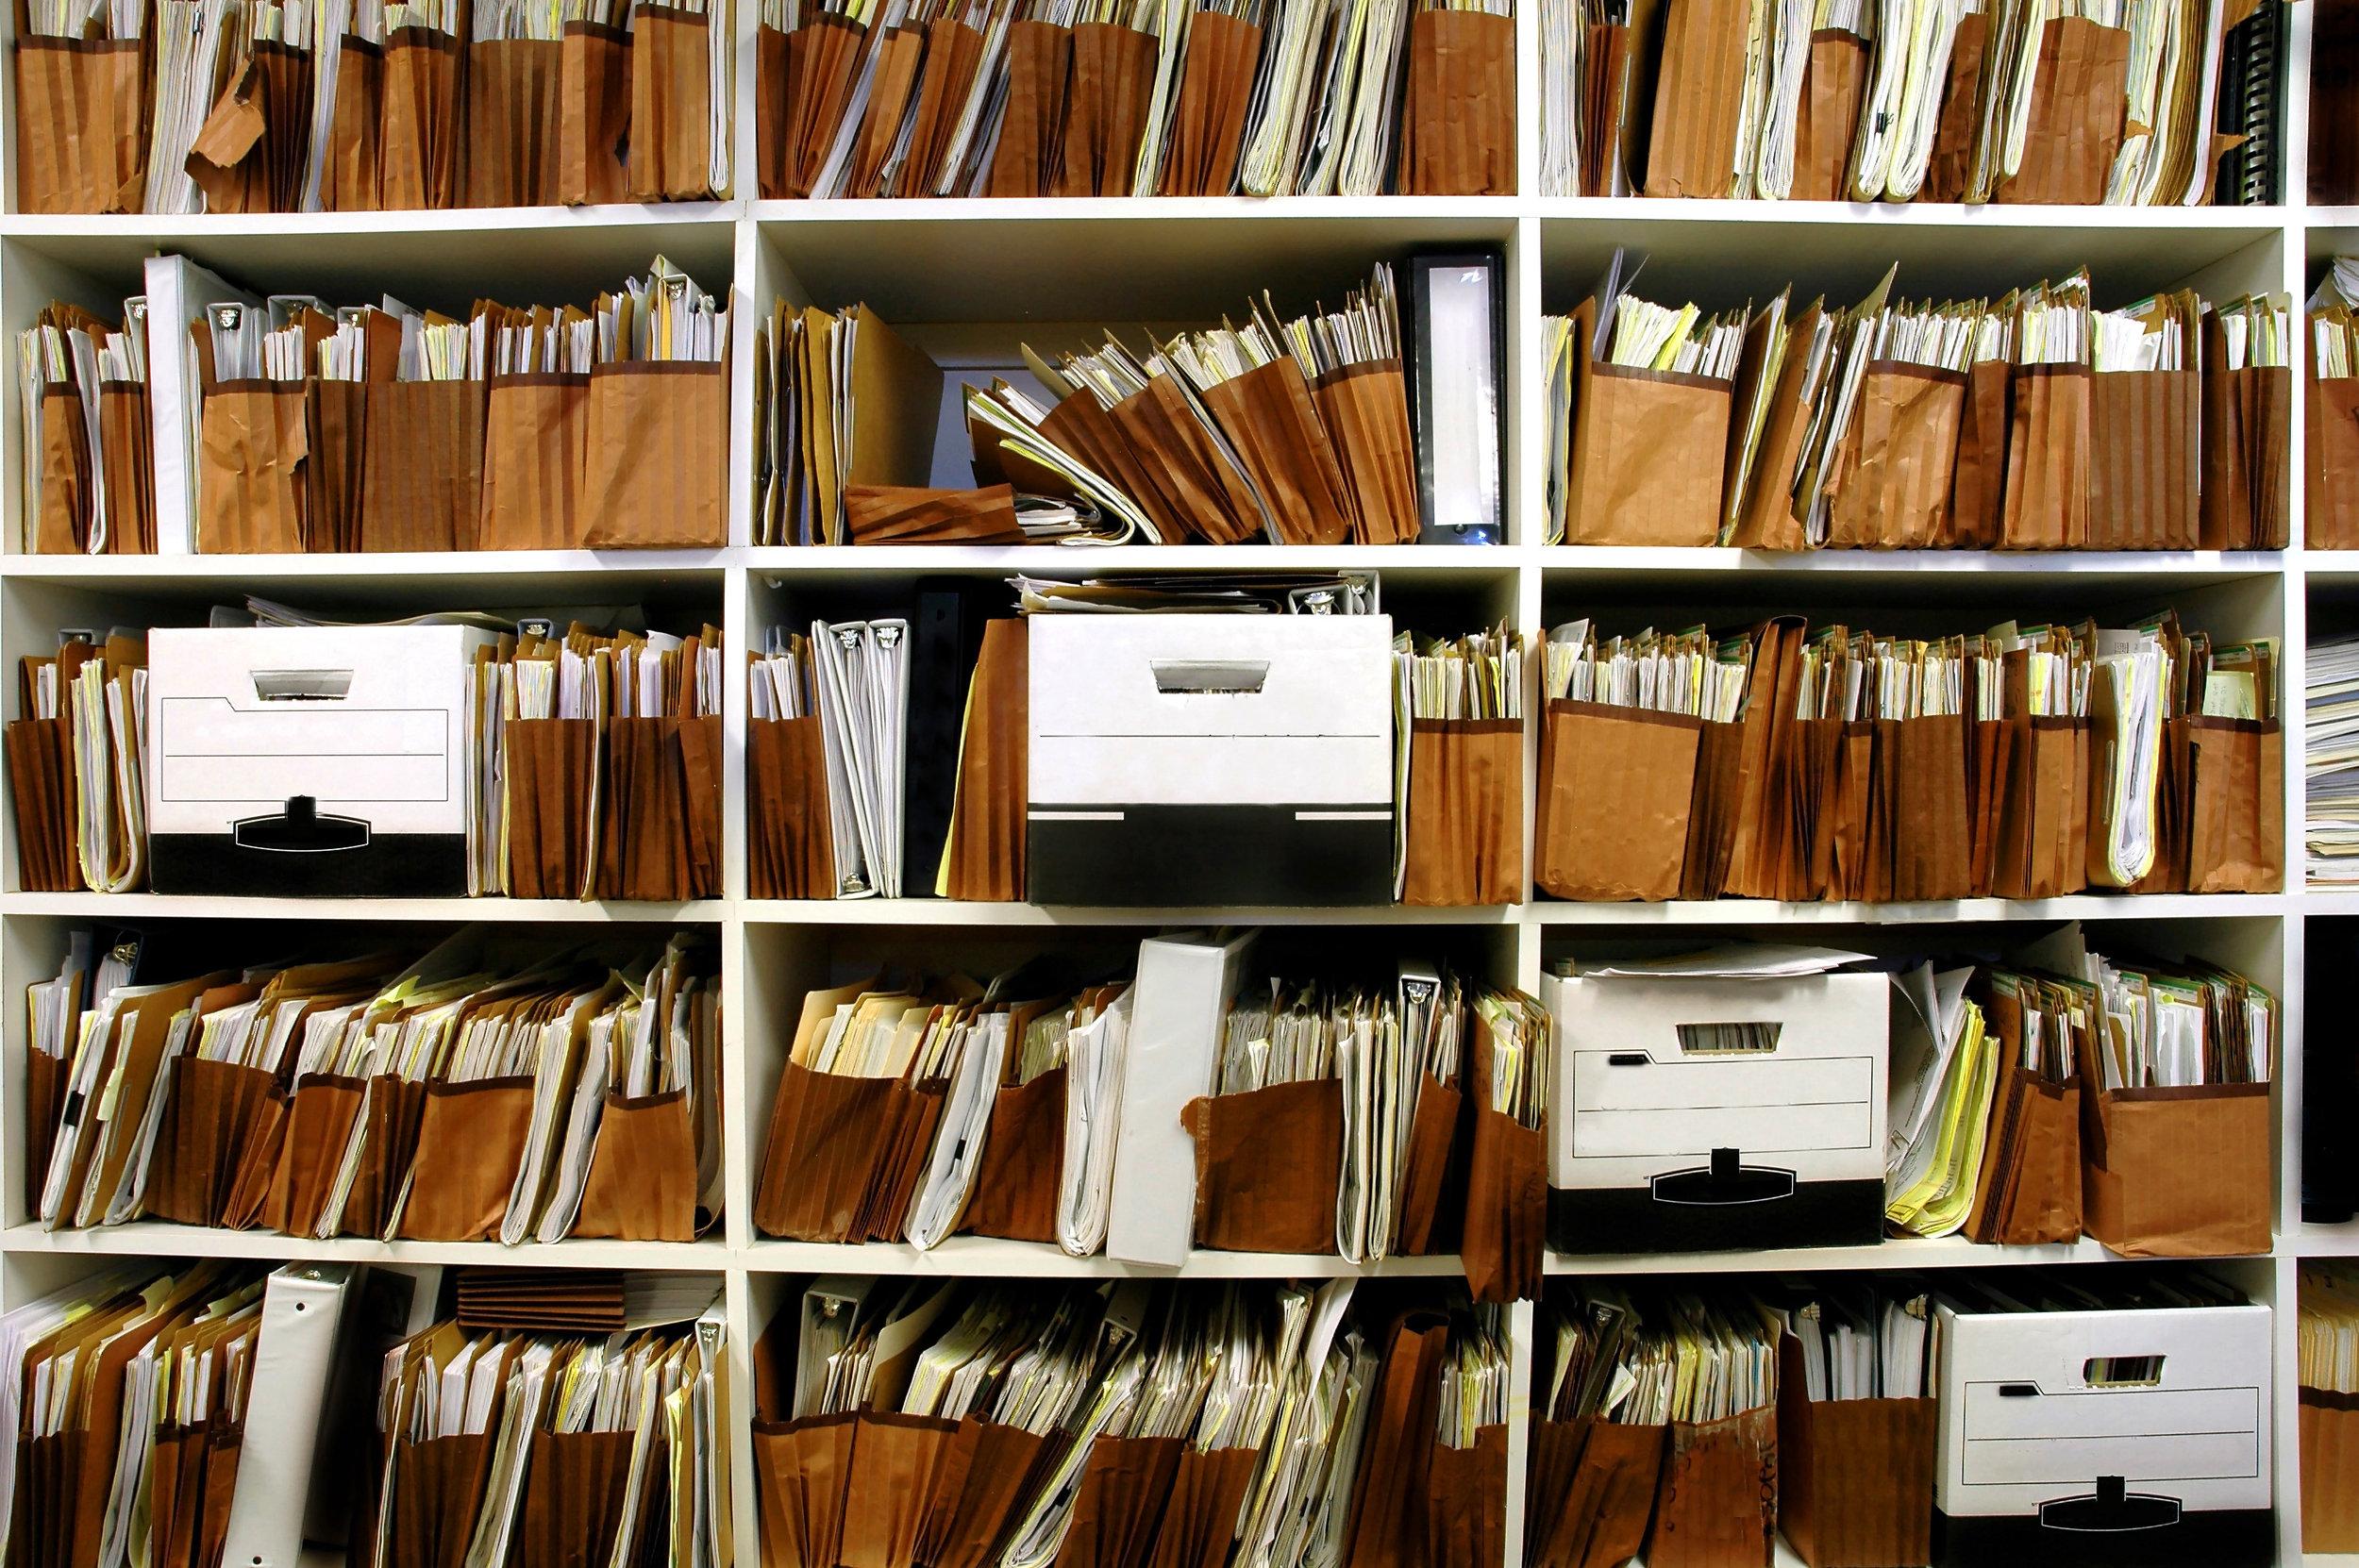 Client File Retention & Archiving Services